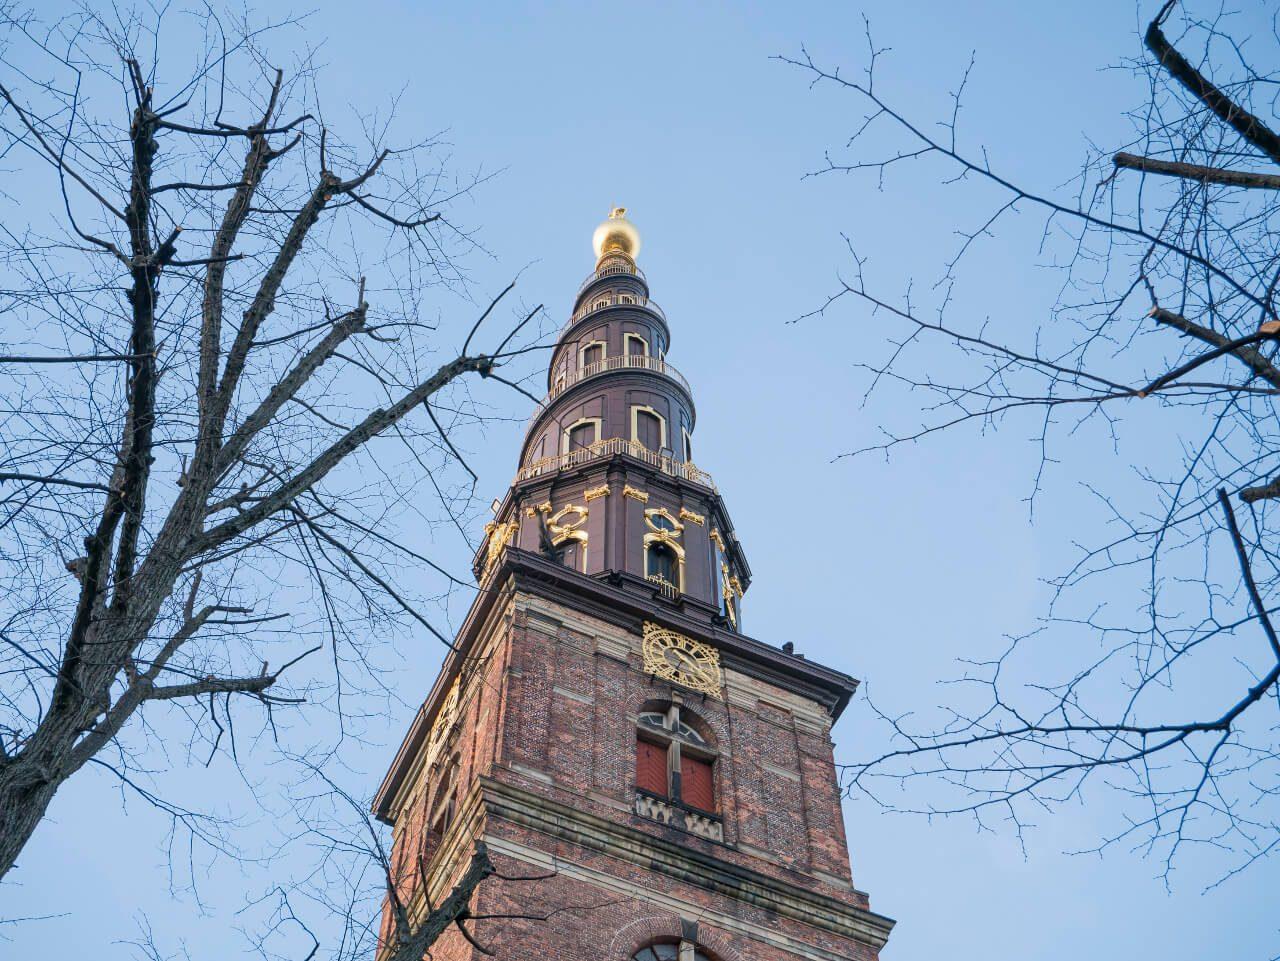 Zwiedzanie Kopenhagi - wieża kościoła Najświętszego Zbawiciela